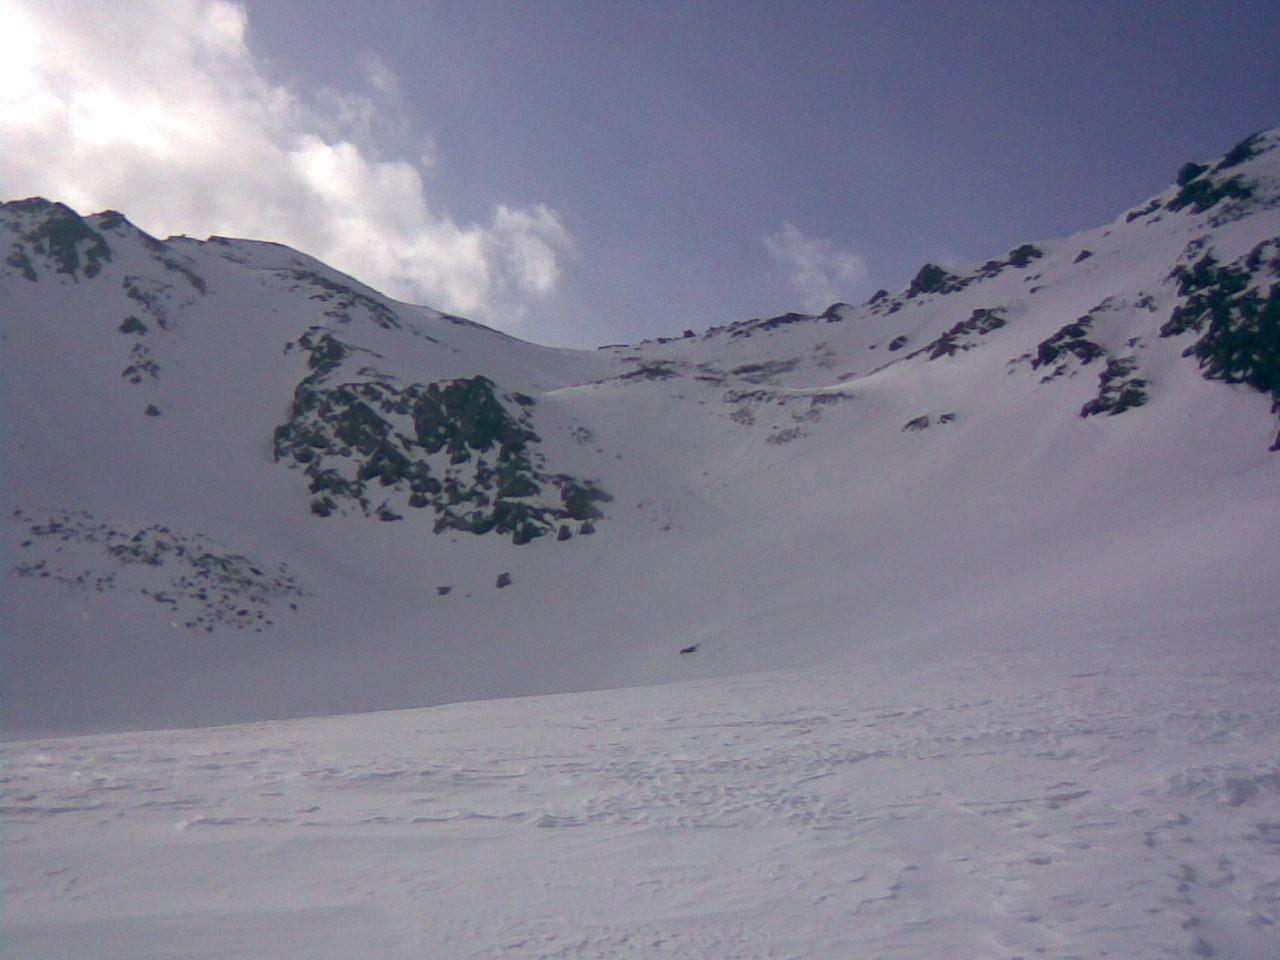 La combe versant nord